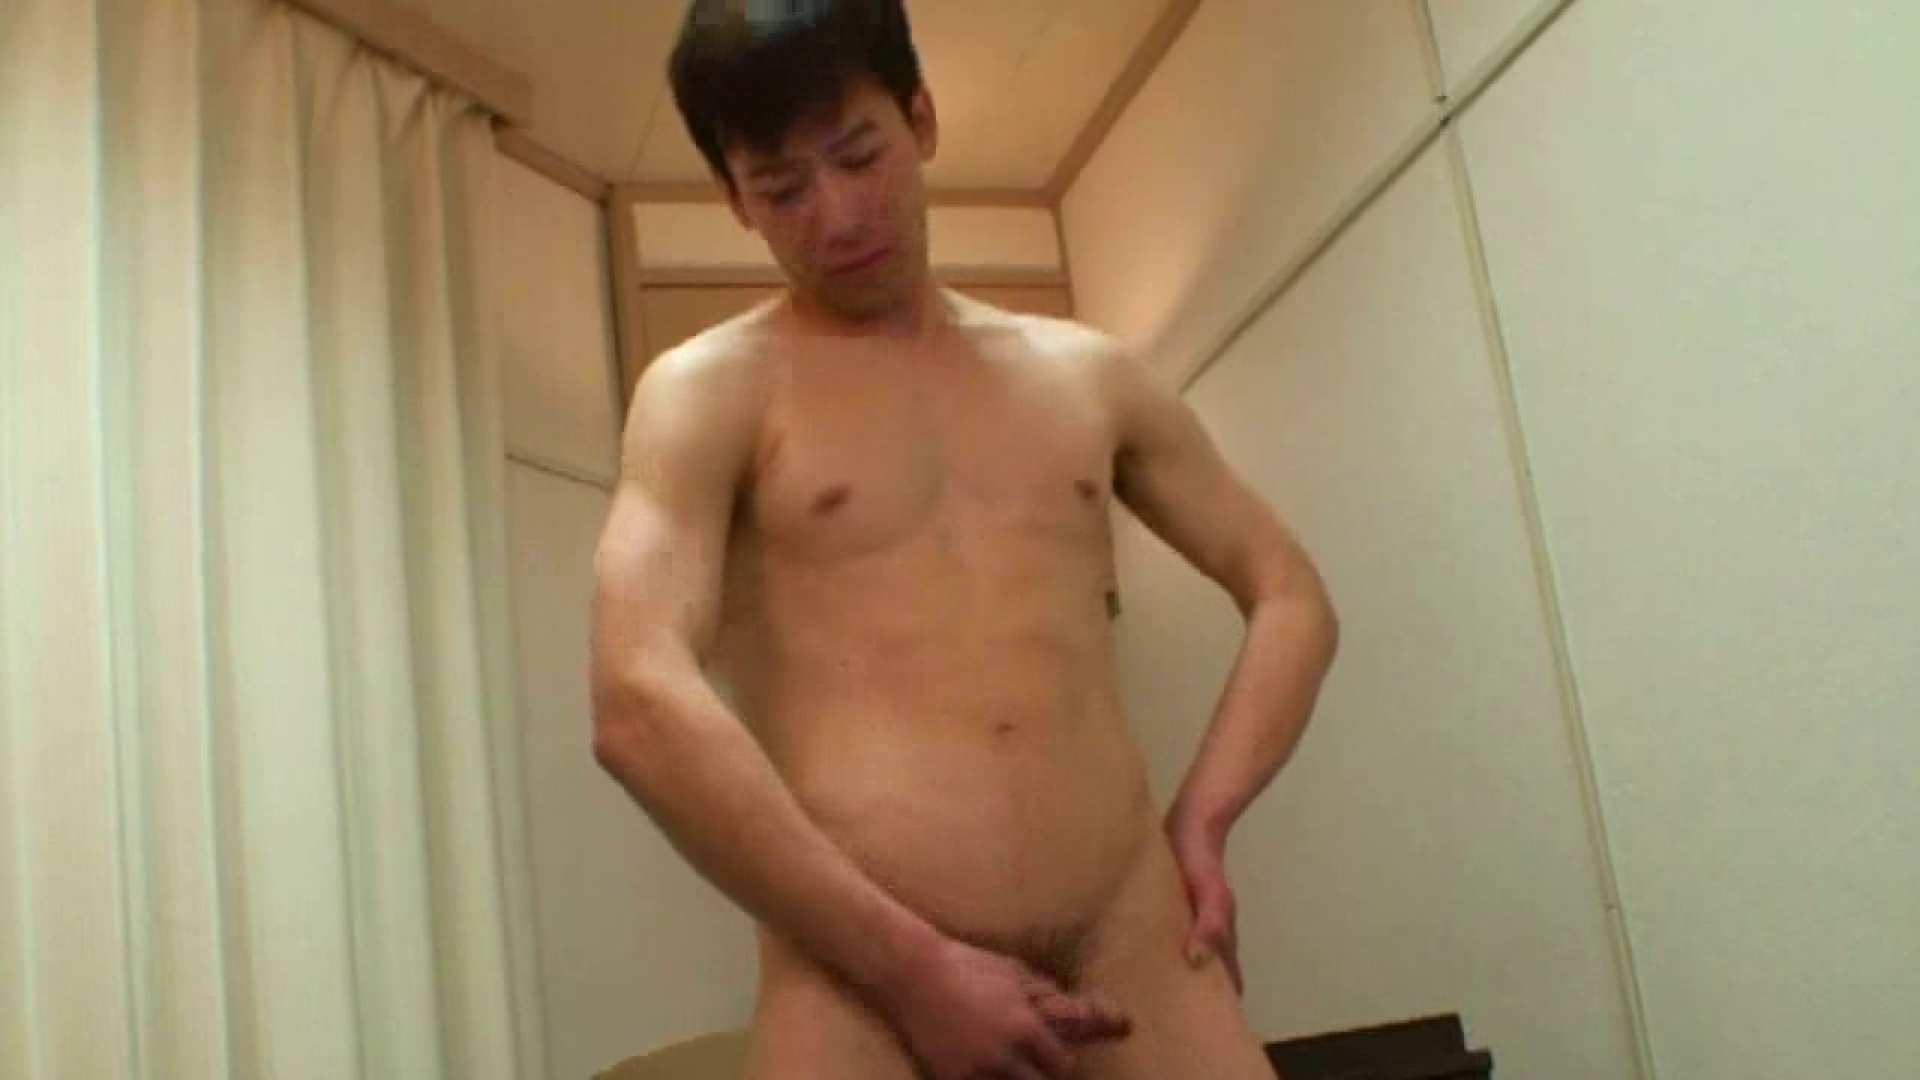 ノンケ!自慰スタジオ No.19 オナニー専門男子 ゲイ射精シーン 65画像 54